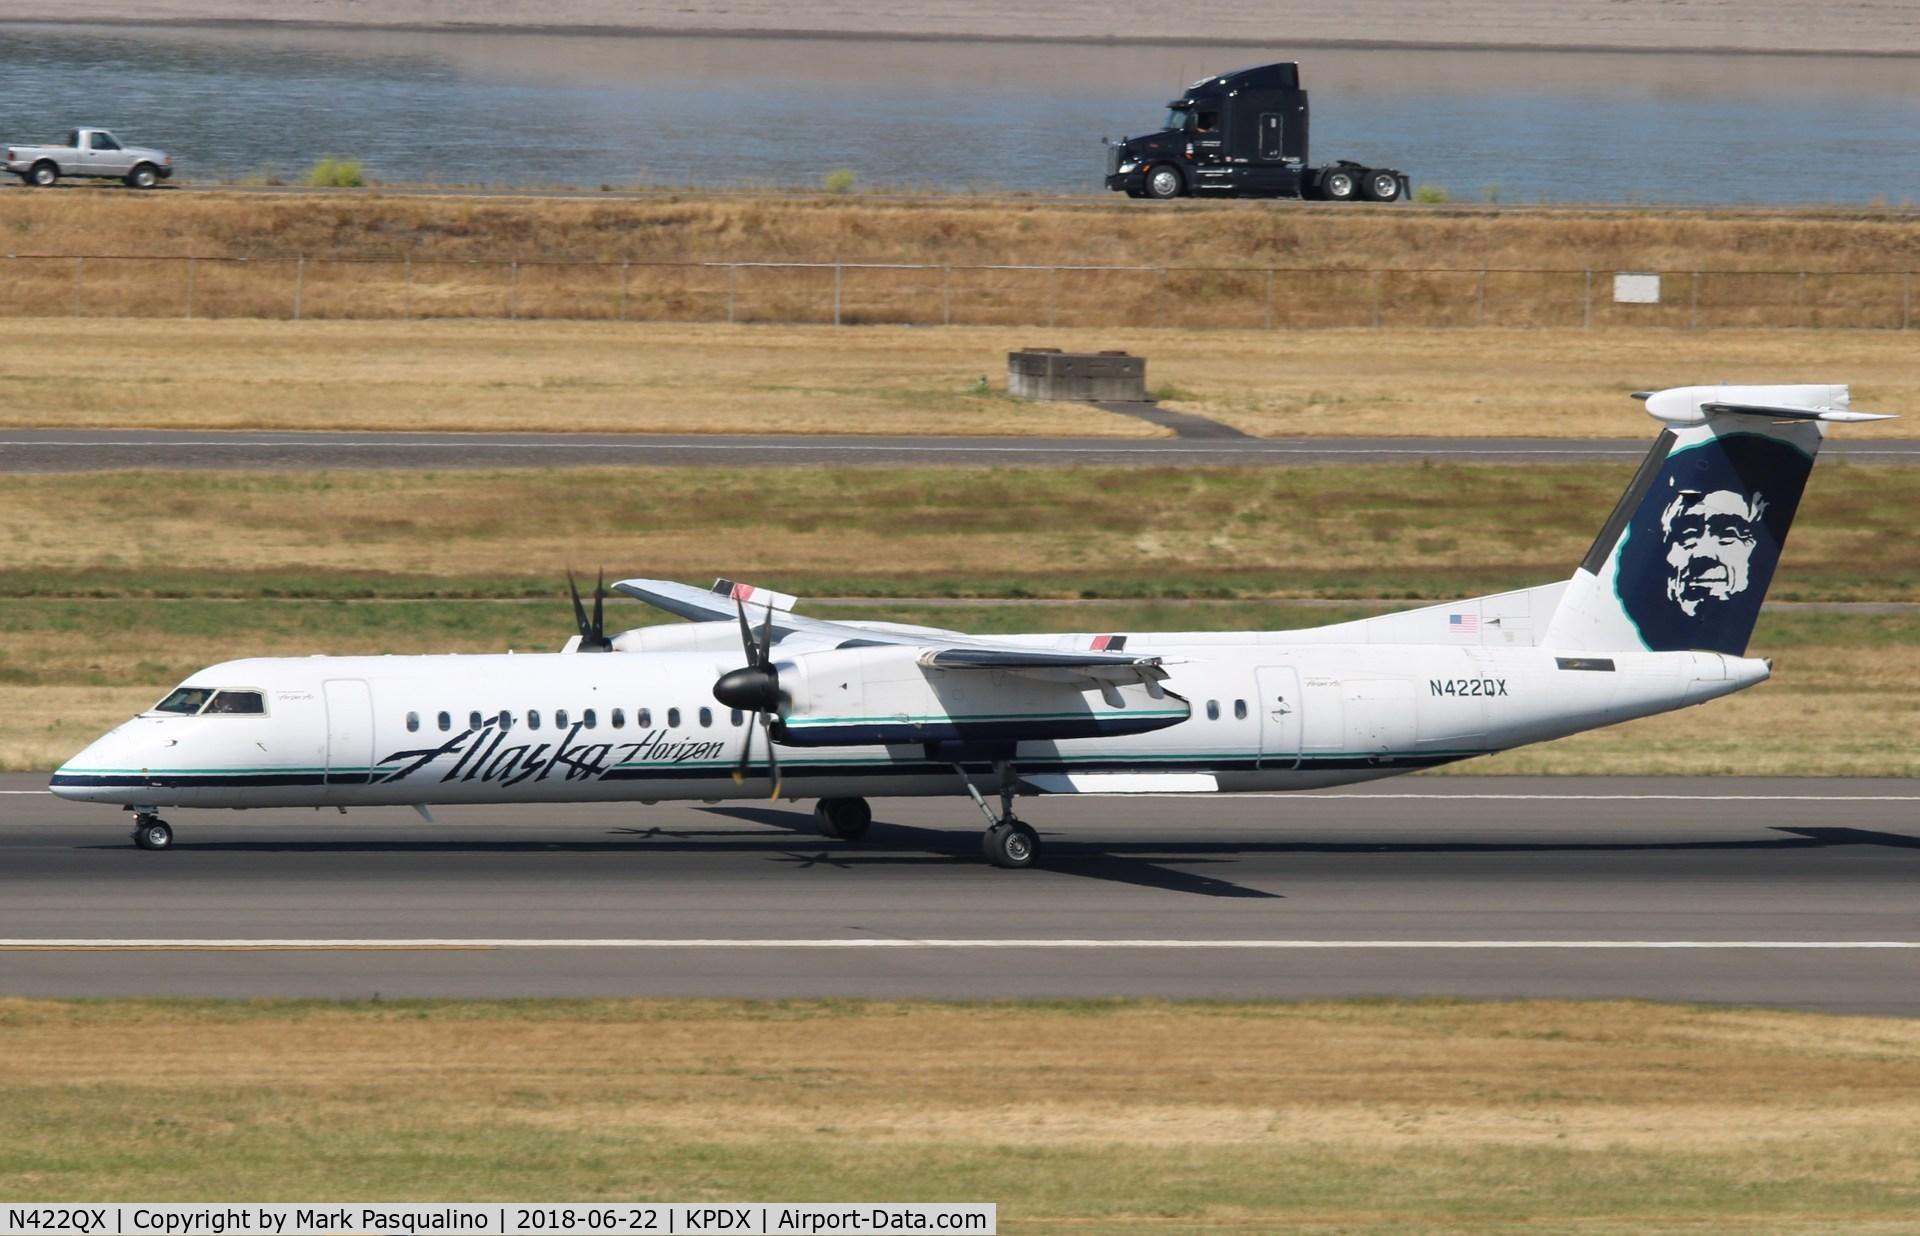 N422QX, 2007 Bombardier DHC-8-402 Dash 8 C/N 4150, DHC-8-402